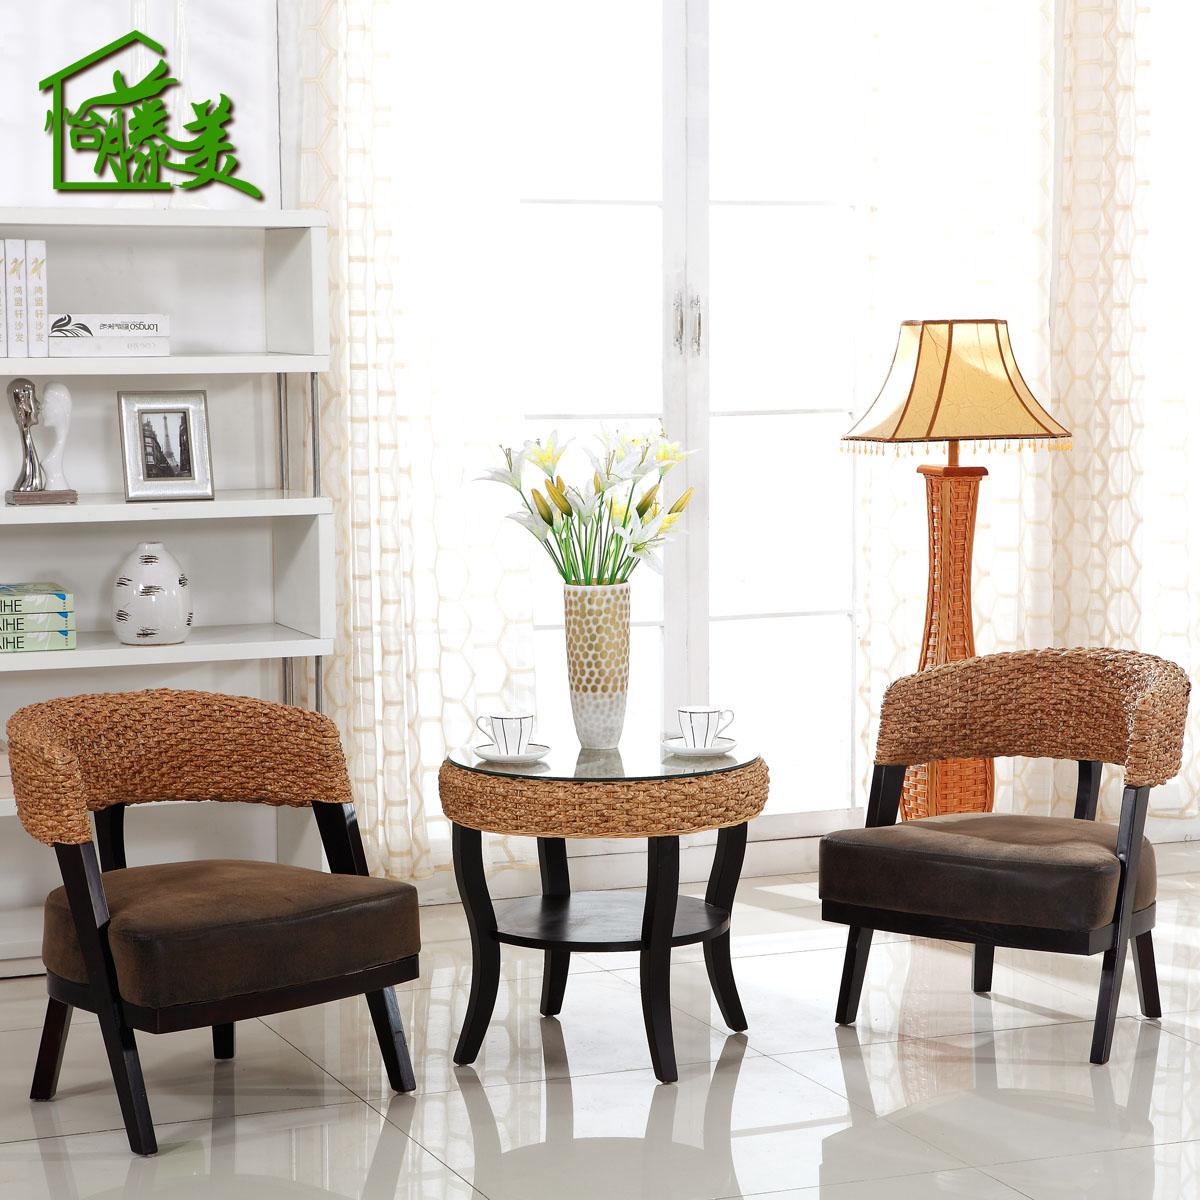 怡藤美 海草藤编藤艺休闲咖啡厅桌椅藤椅 阳台椅子茶几三件套组合